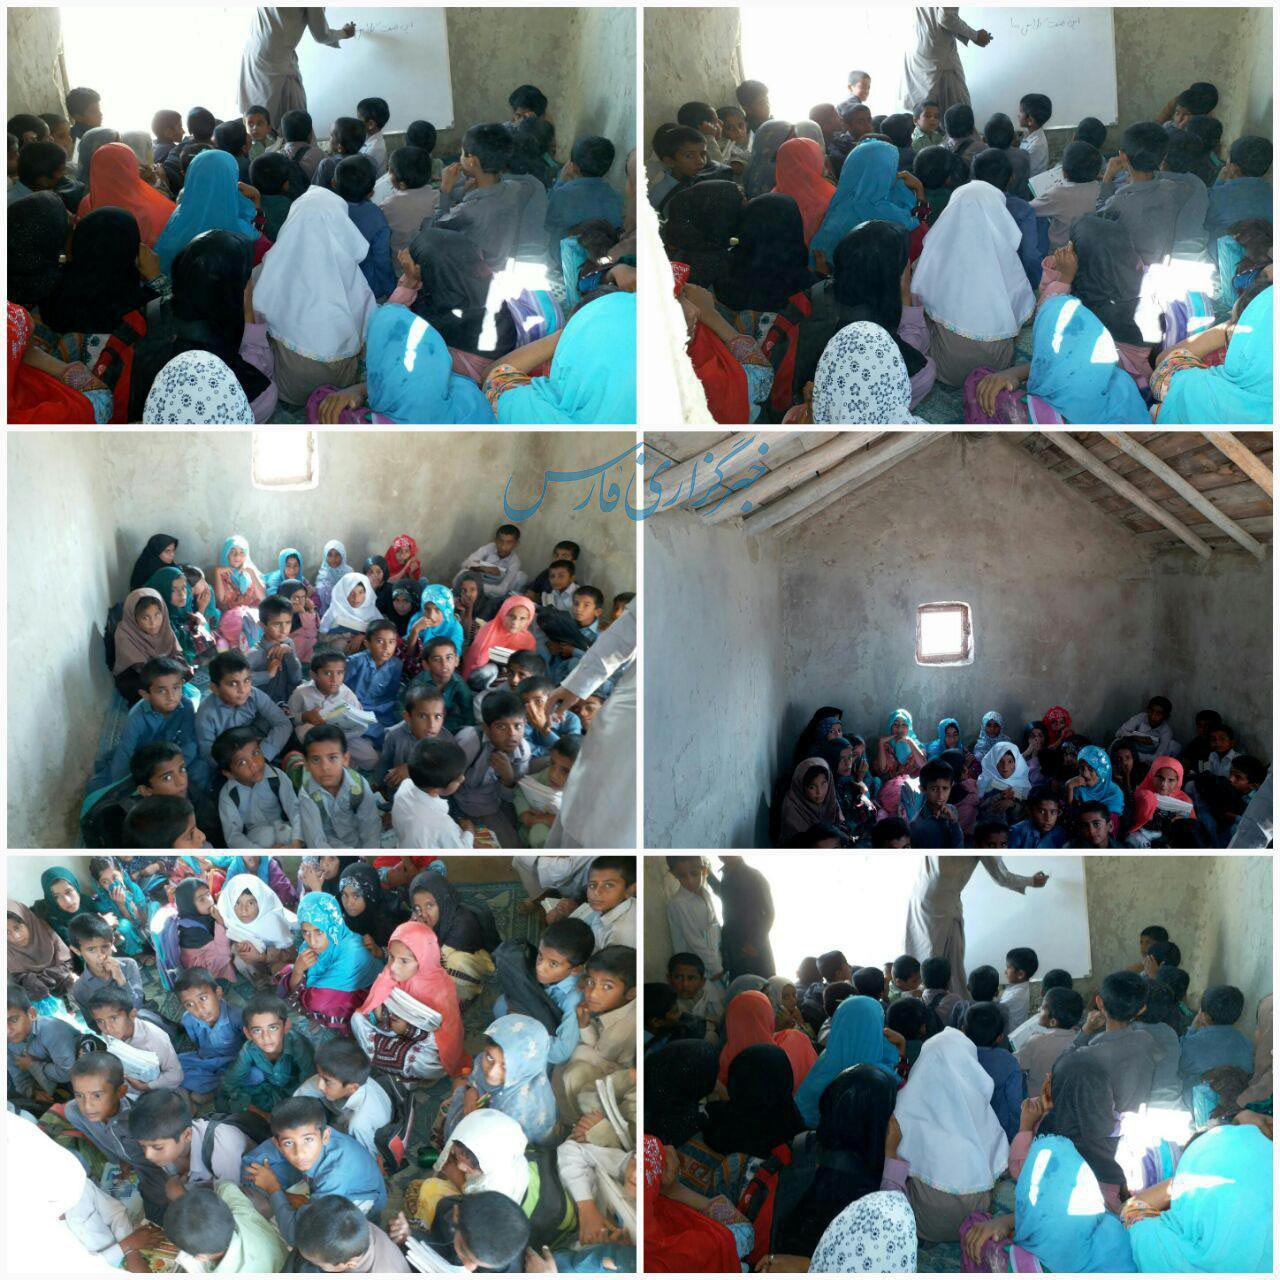 دشواری دانشآموزان در مدرسه کوچک ریمدان در سیستان و بلوچستان (عکس)